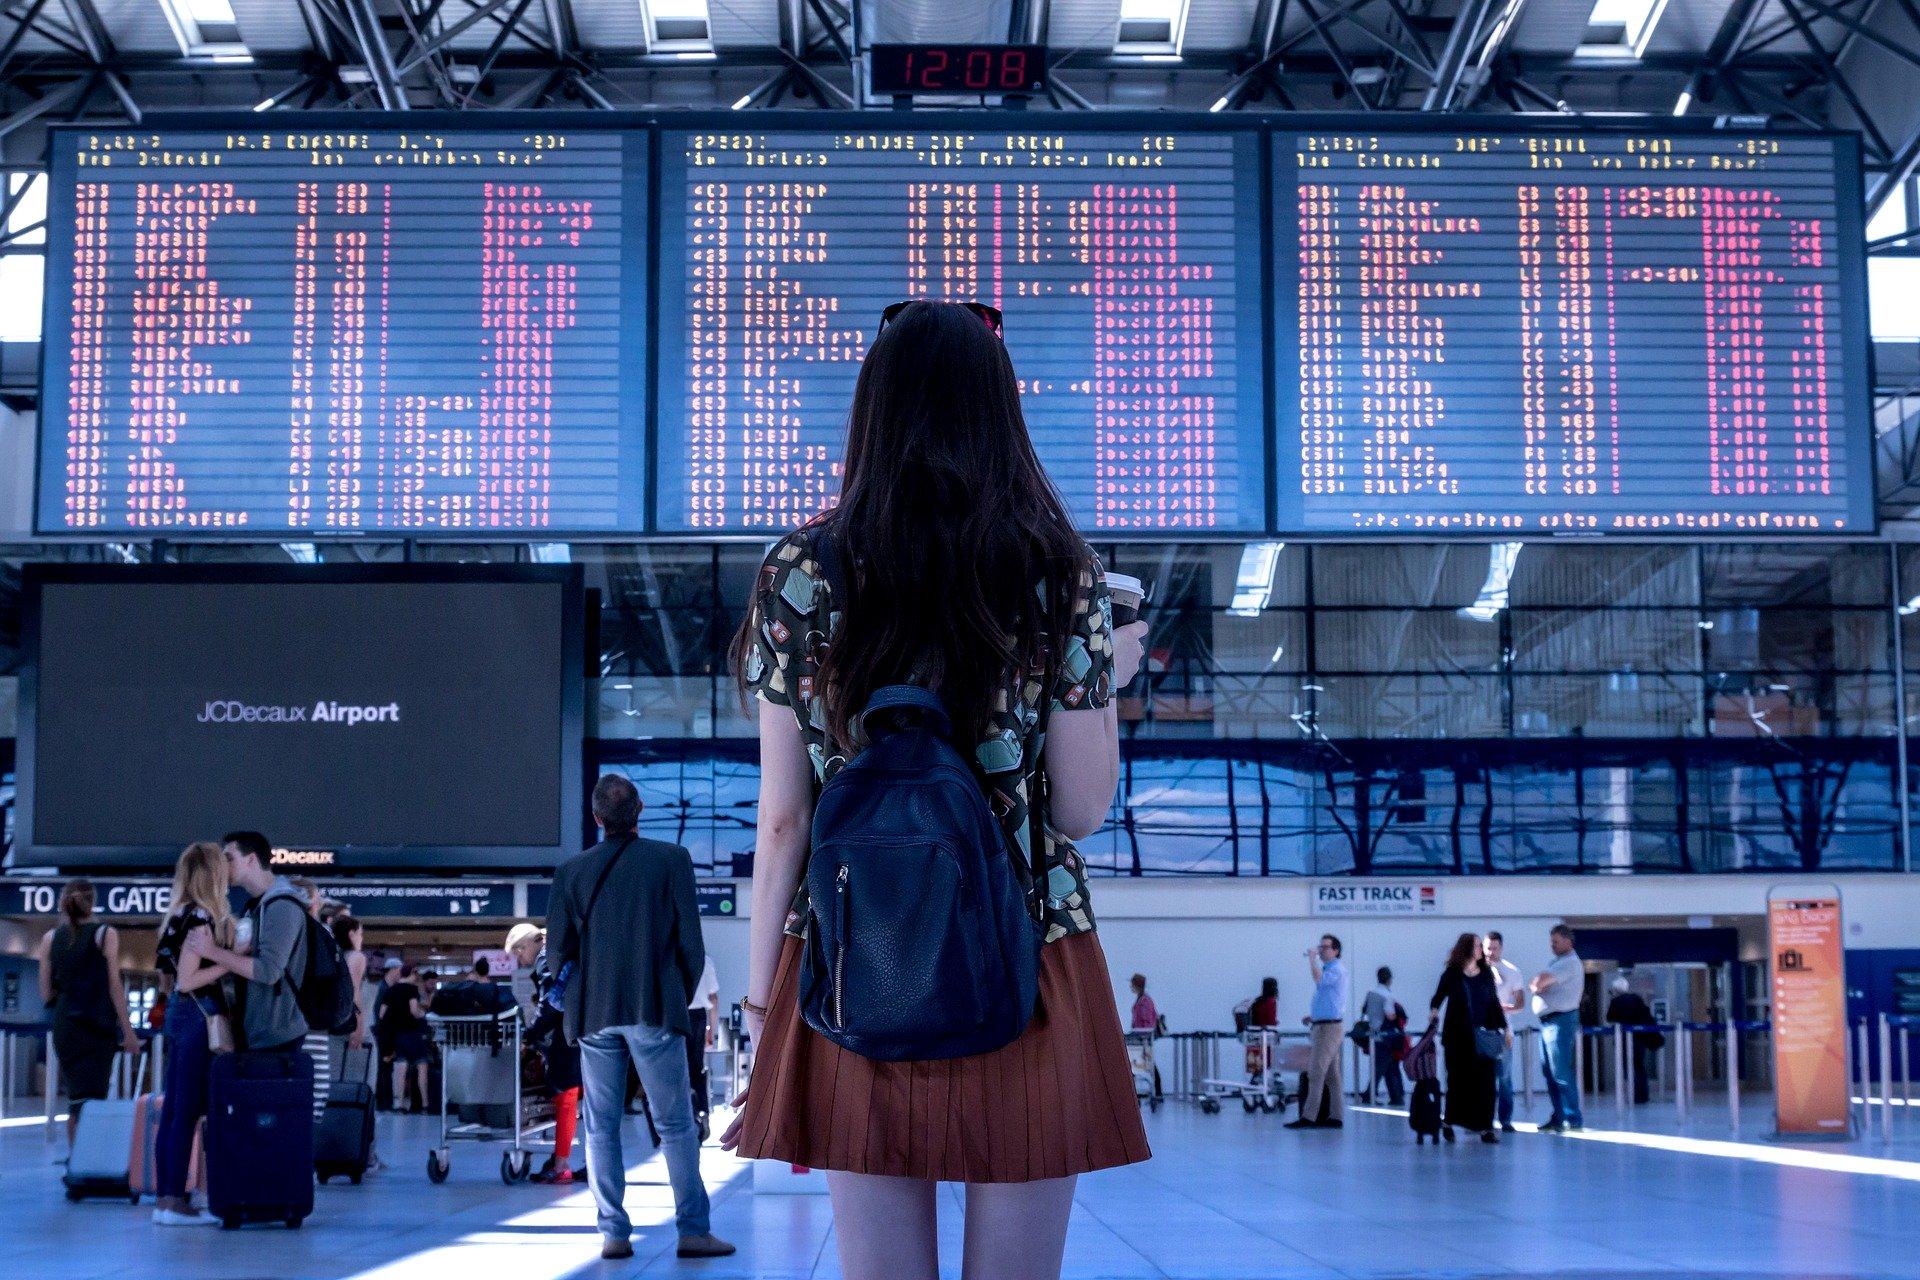 El derecho de reembolso por la cancelación de viajes ante la circunstancia imprevisible y extraordinaria de pandemia global por Covid-19